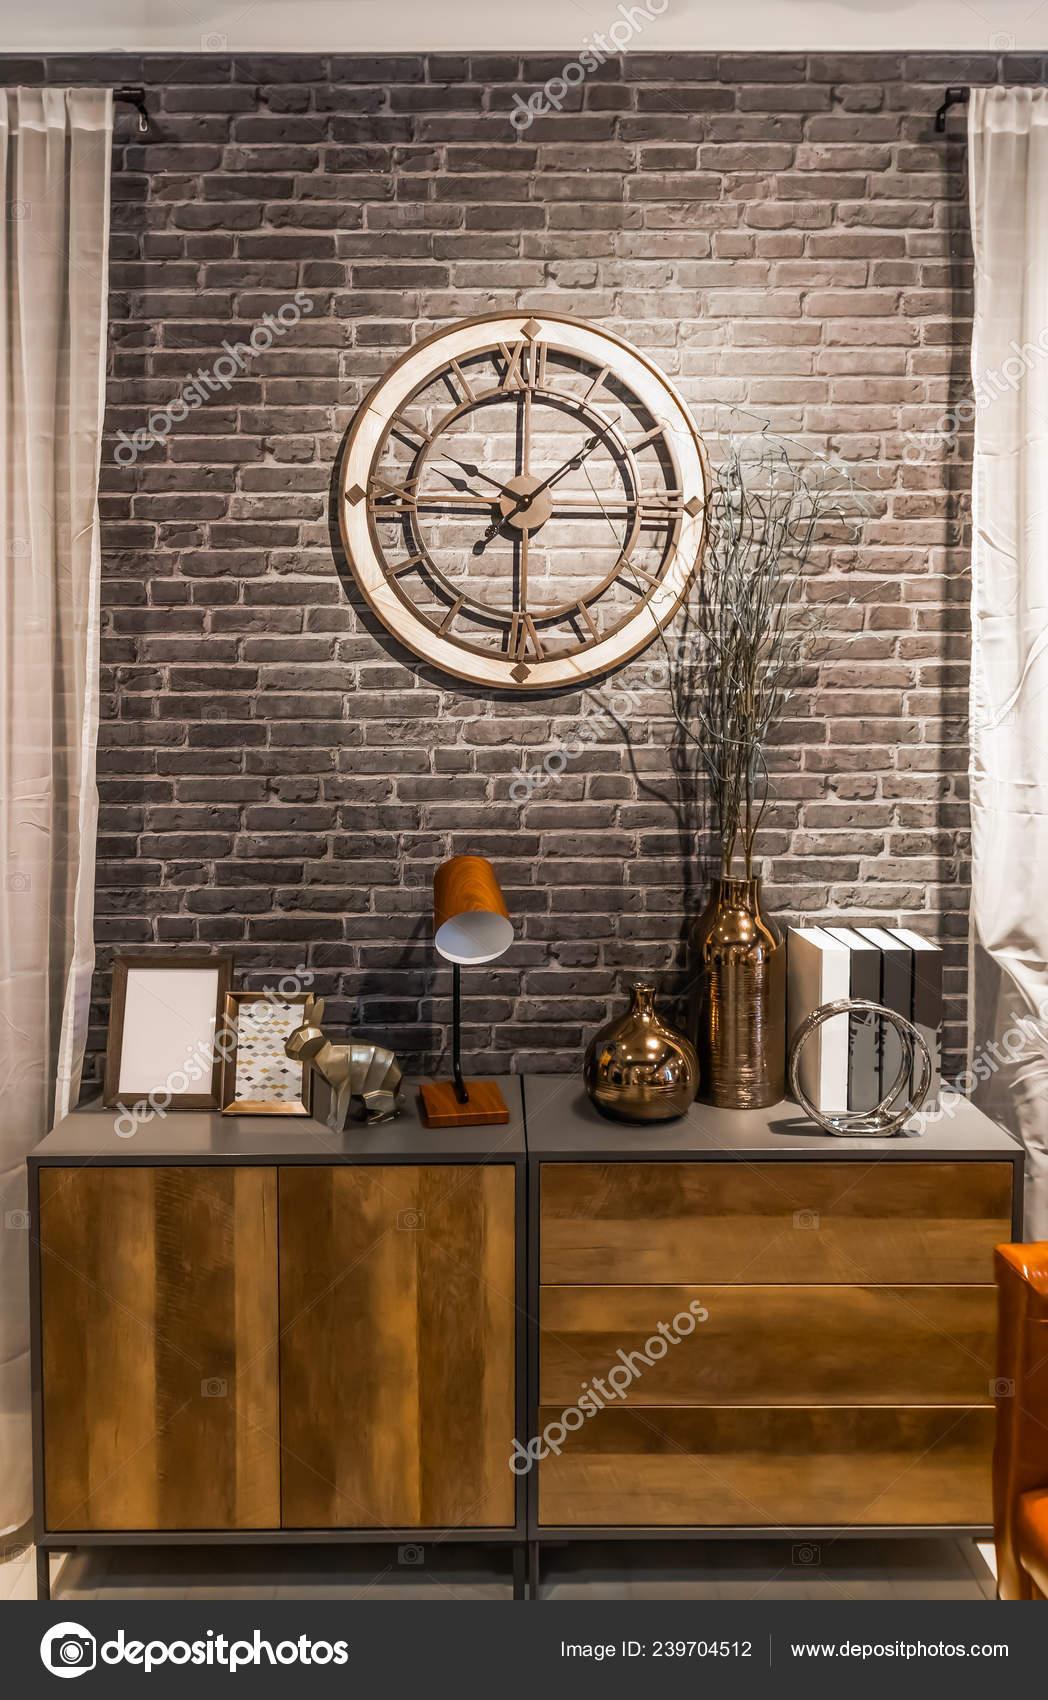 Aparador Madera Estilo Retro Con Loft Vintage Reloj Diseño